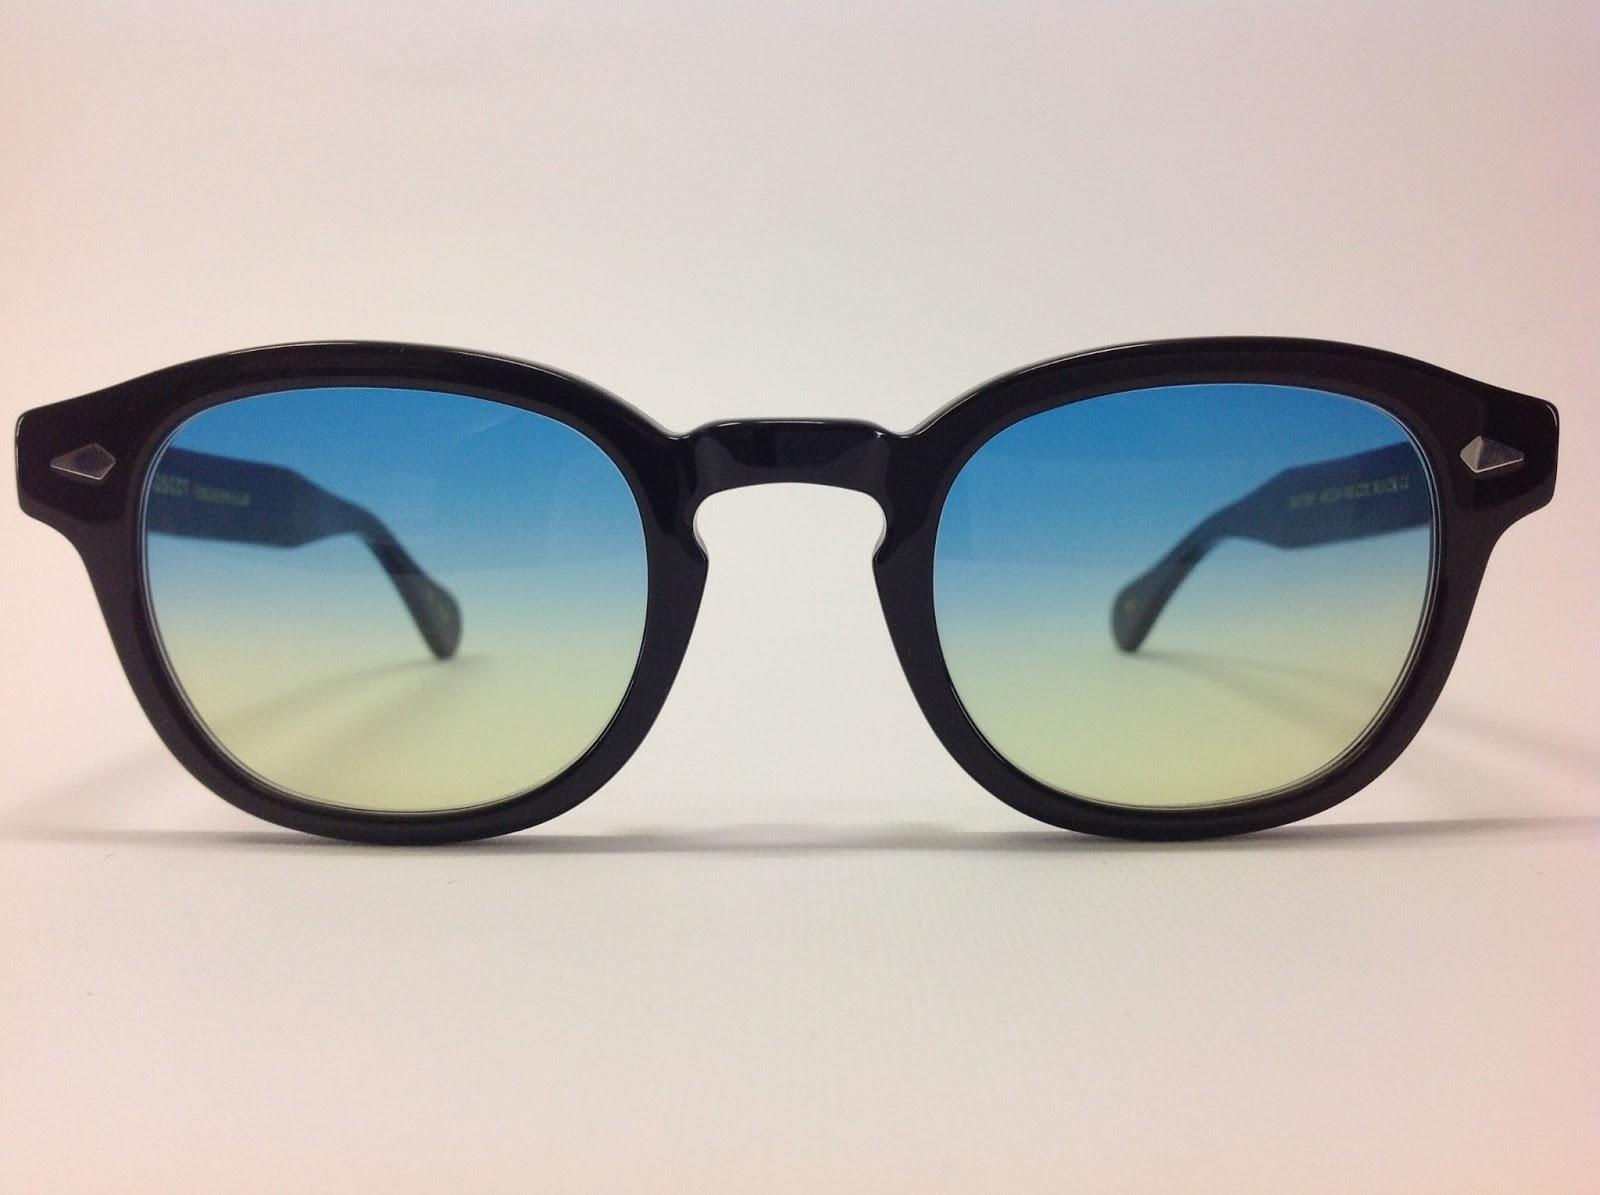 comprare a buon mercato buona vendita pacchetto alla moda e attraente Moscot occhiali lemtosh marrone con lenti sfumate ...